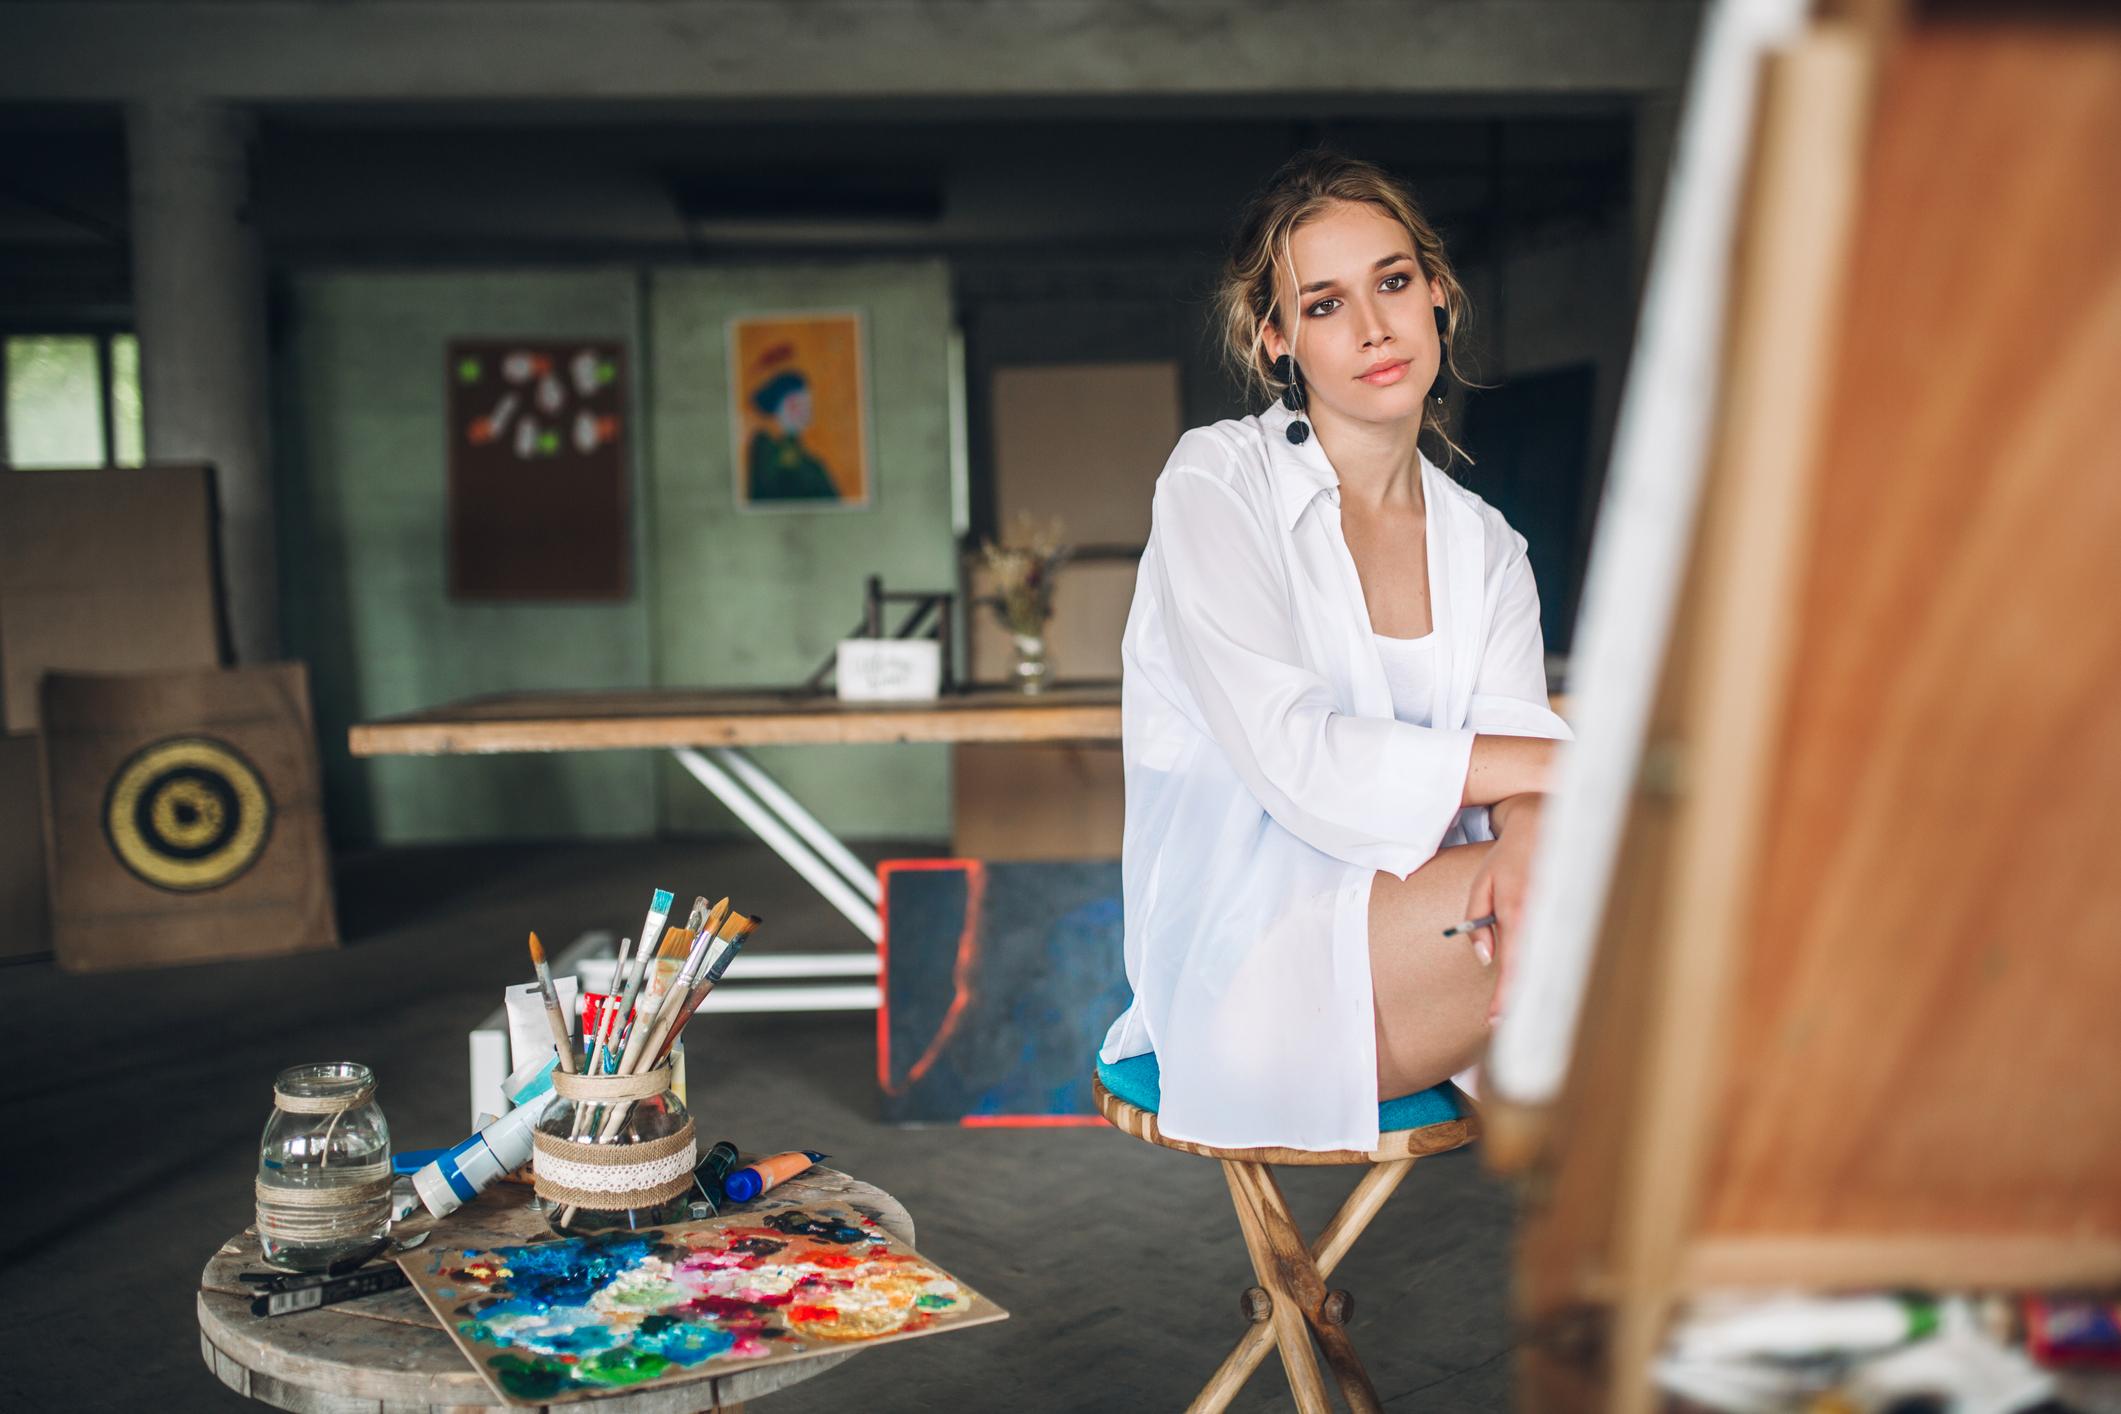 Svakodnevno kreativno stvaranje pomaže ljudima da se dugoročno emotivno osjećaju bolje.